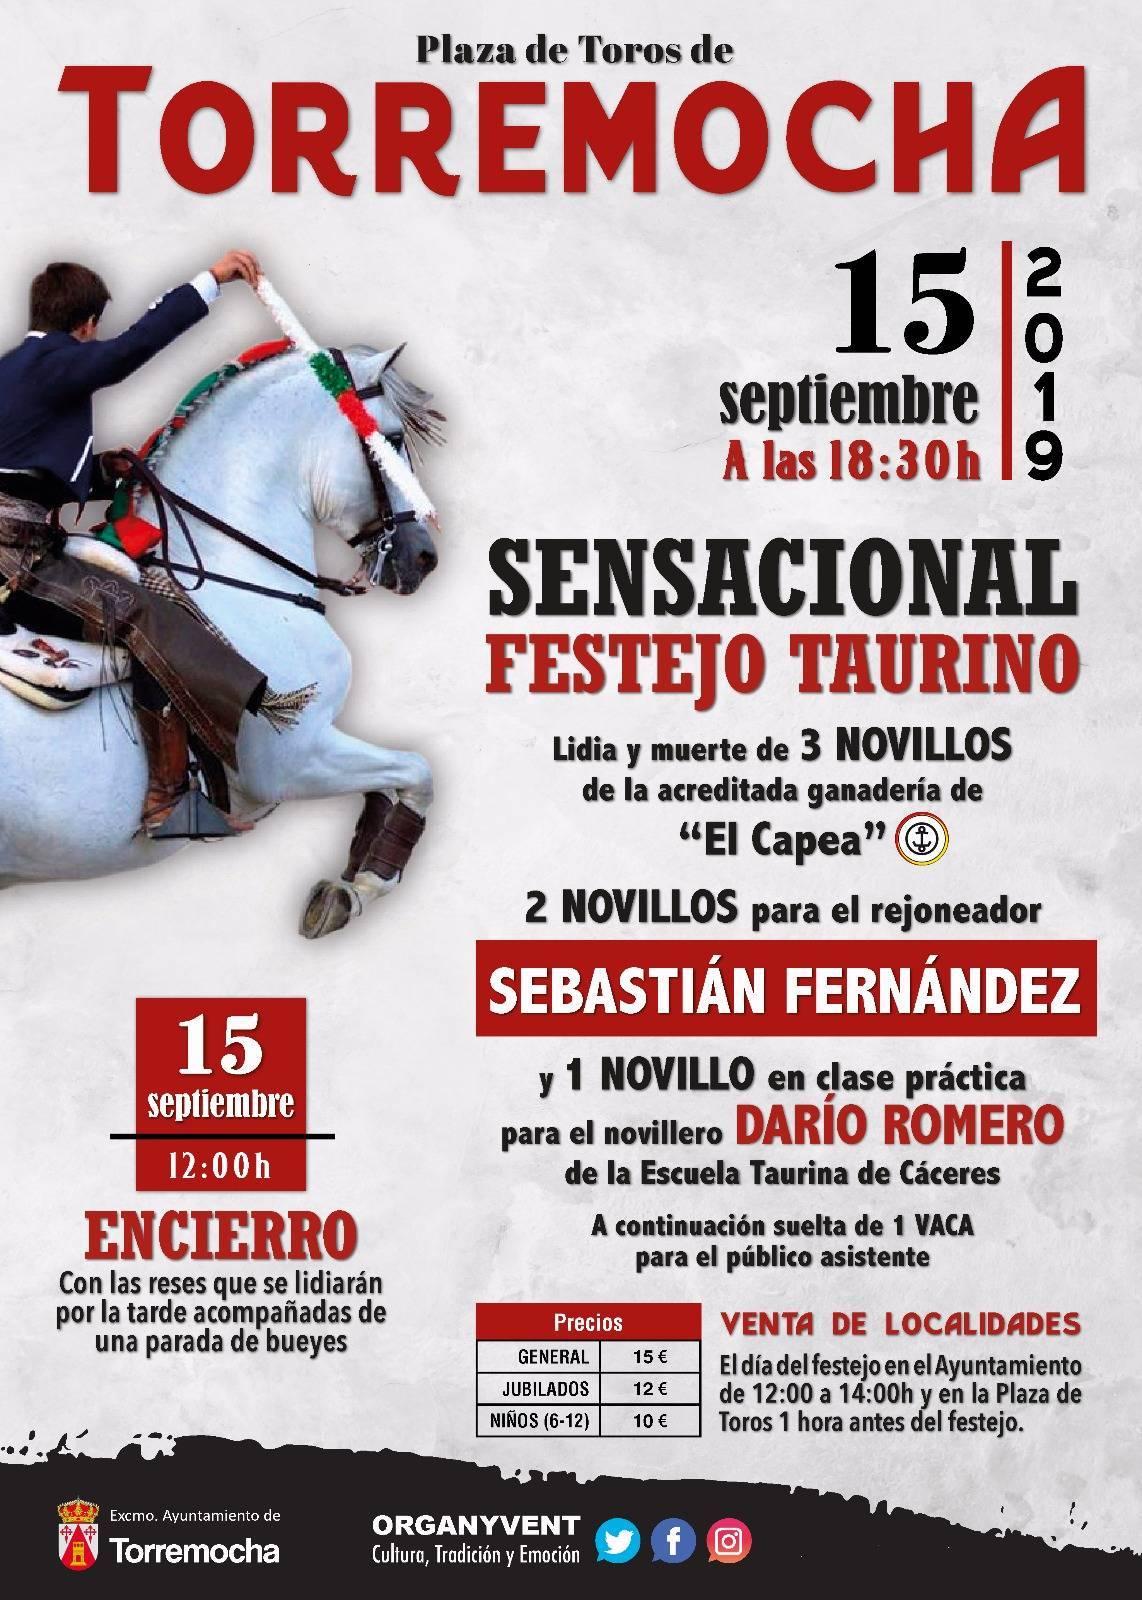 Sensacional festejo taurino 2019 - Torremocha (Cáceres)